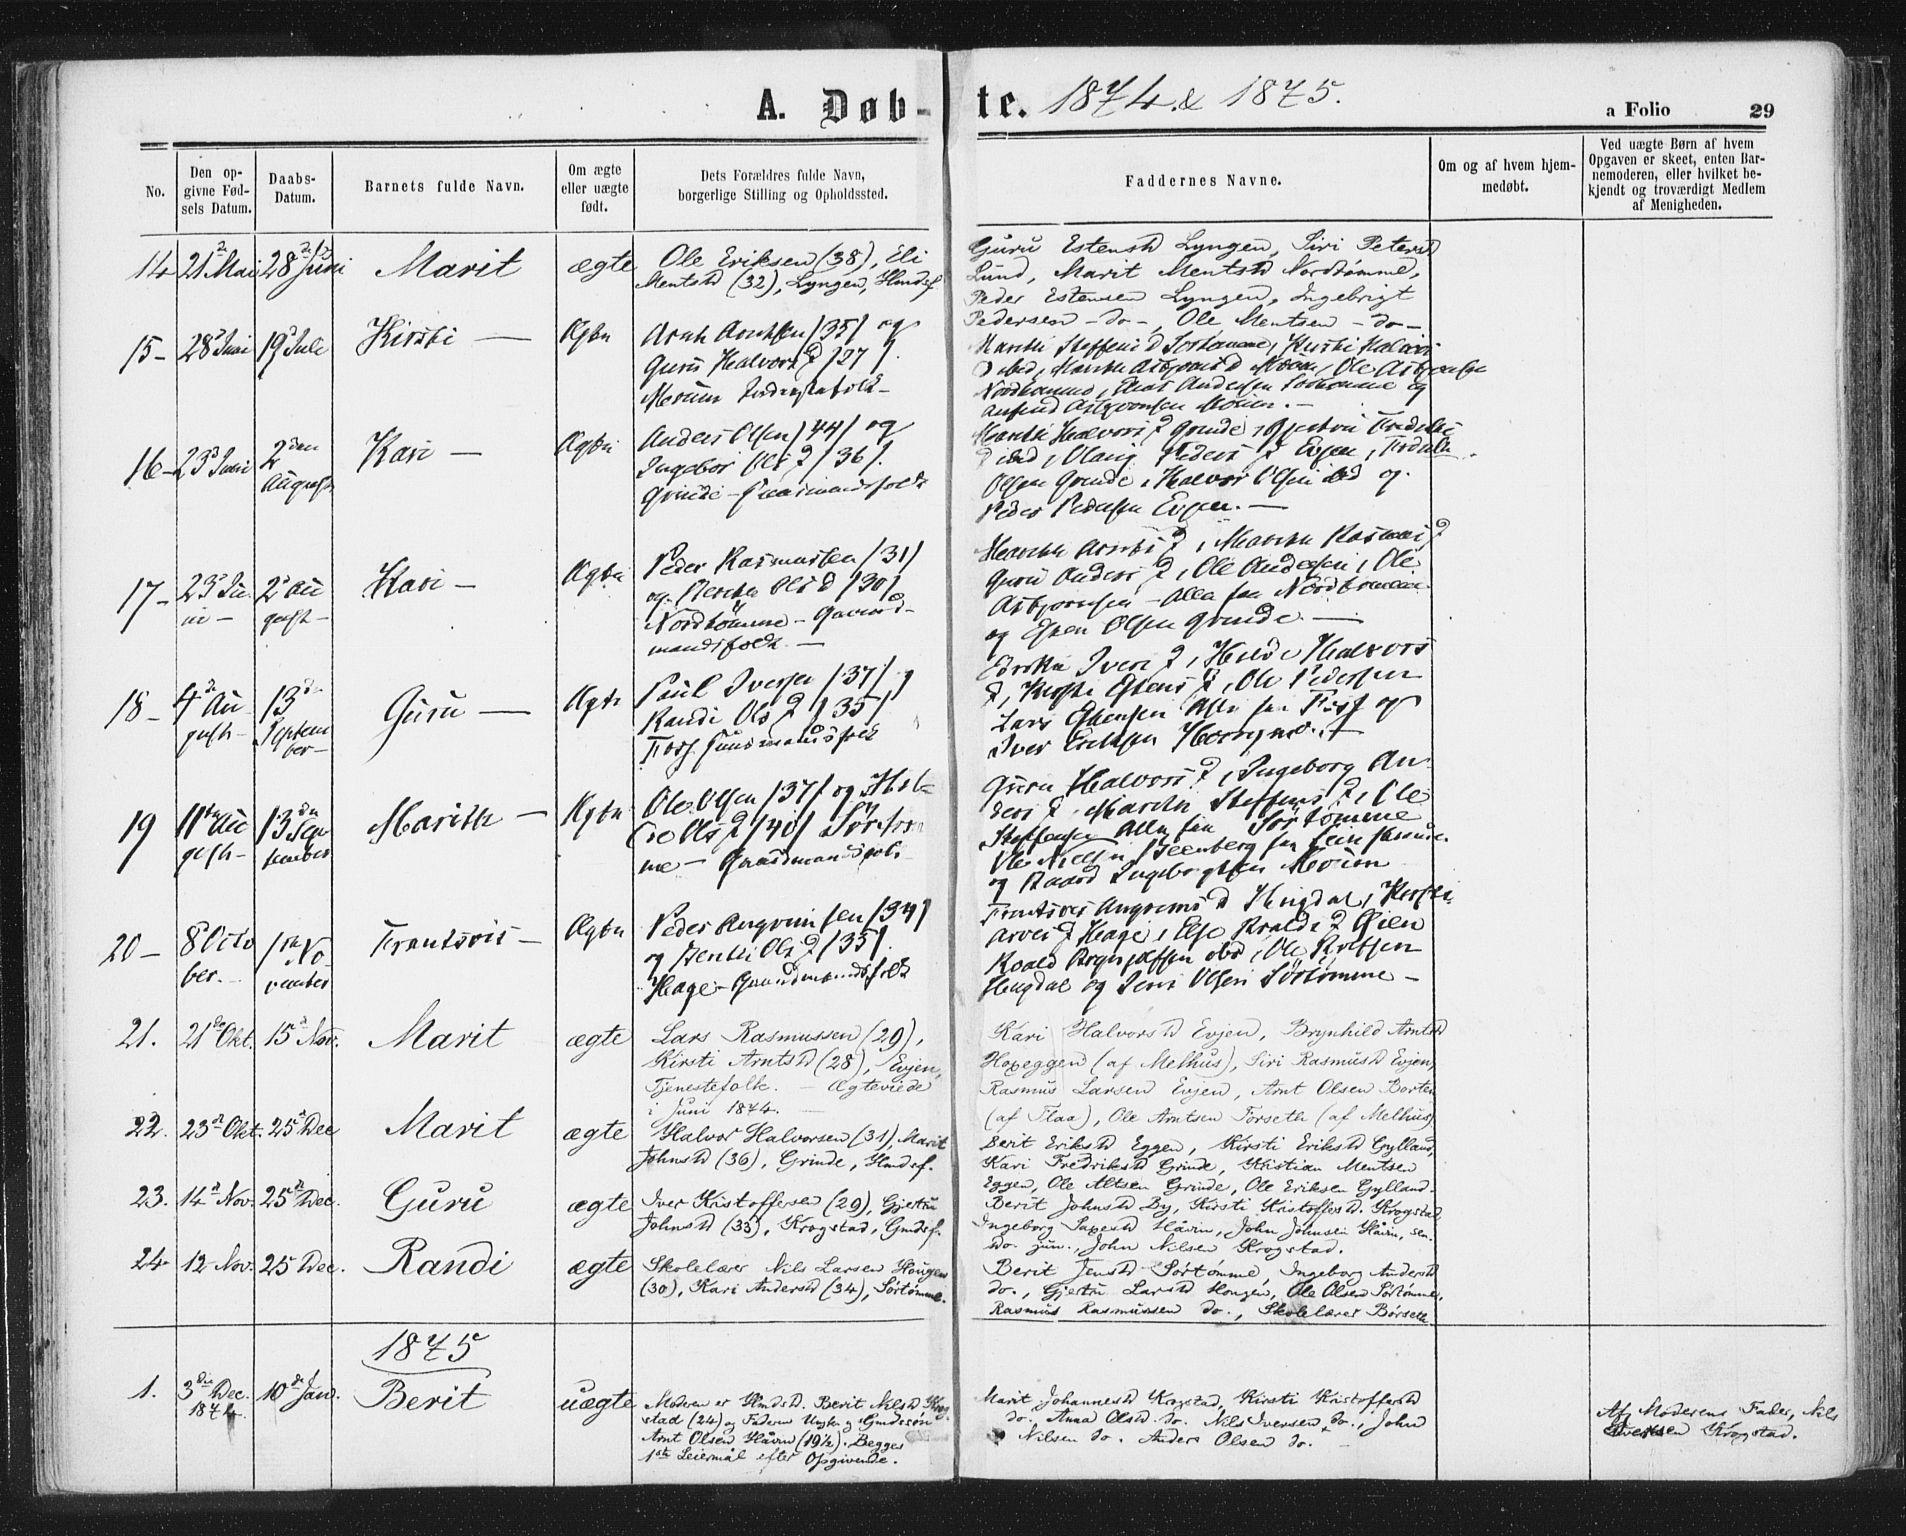 SAT, Ministerialprotokoller, klokkerbøker og fødselsregistre - Sør-Trøndelag, 692/L1104: Ministerialbok nr. 692A04, 1862-1878, s. 29